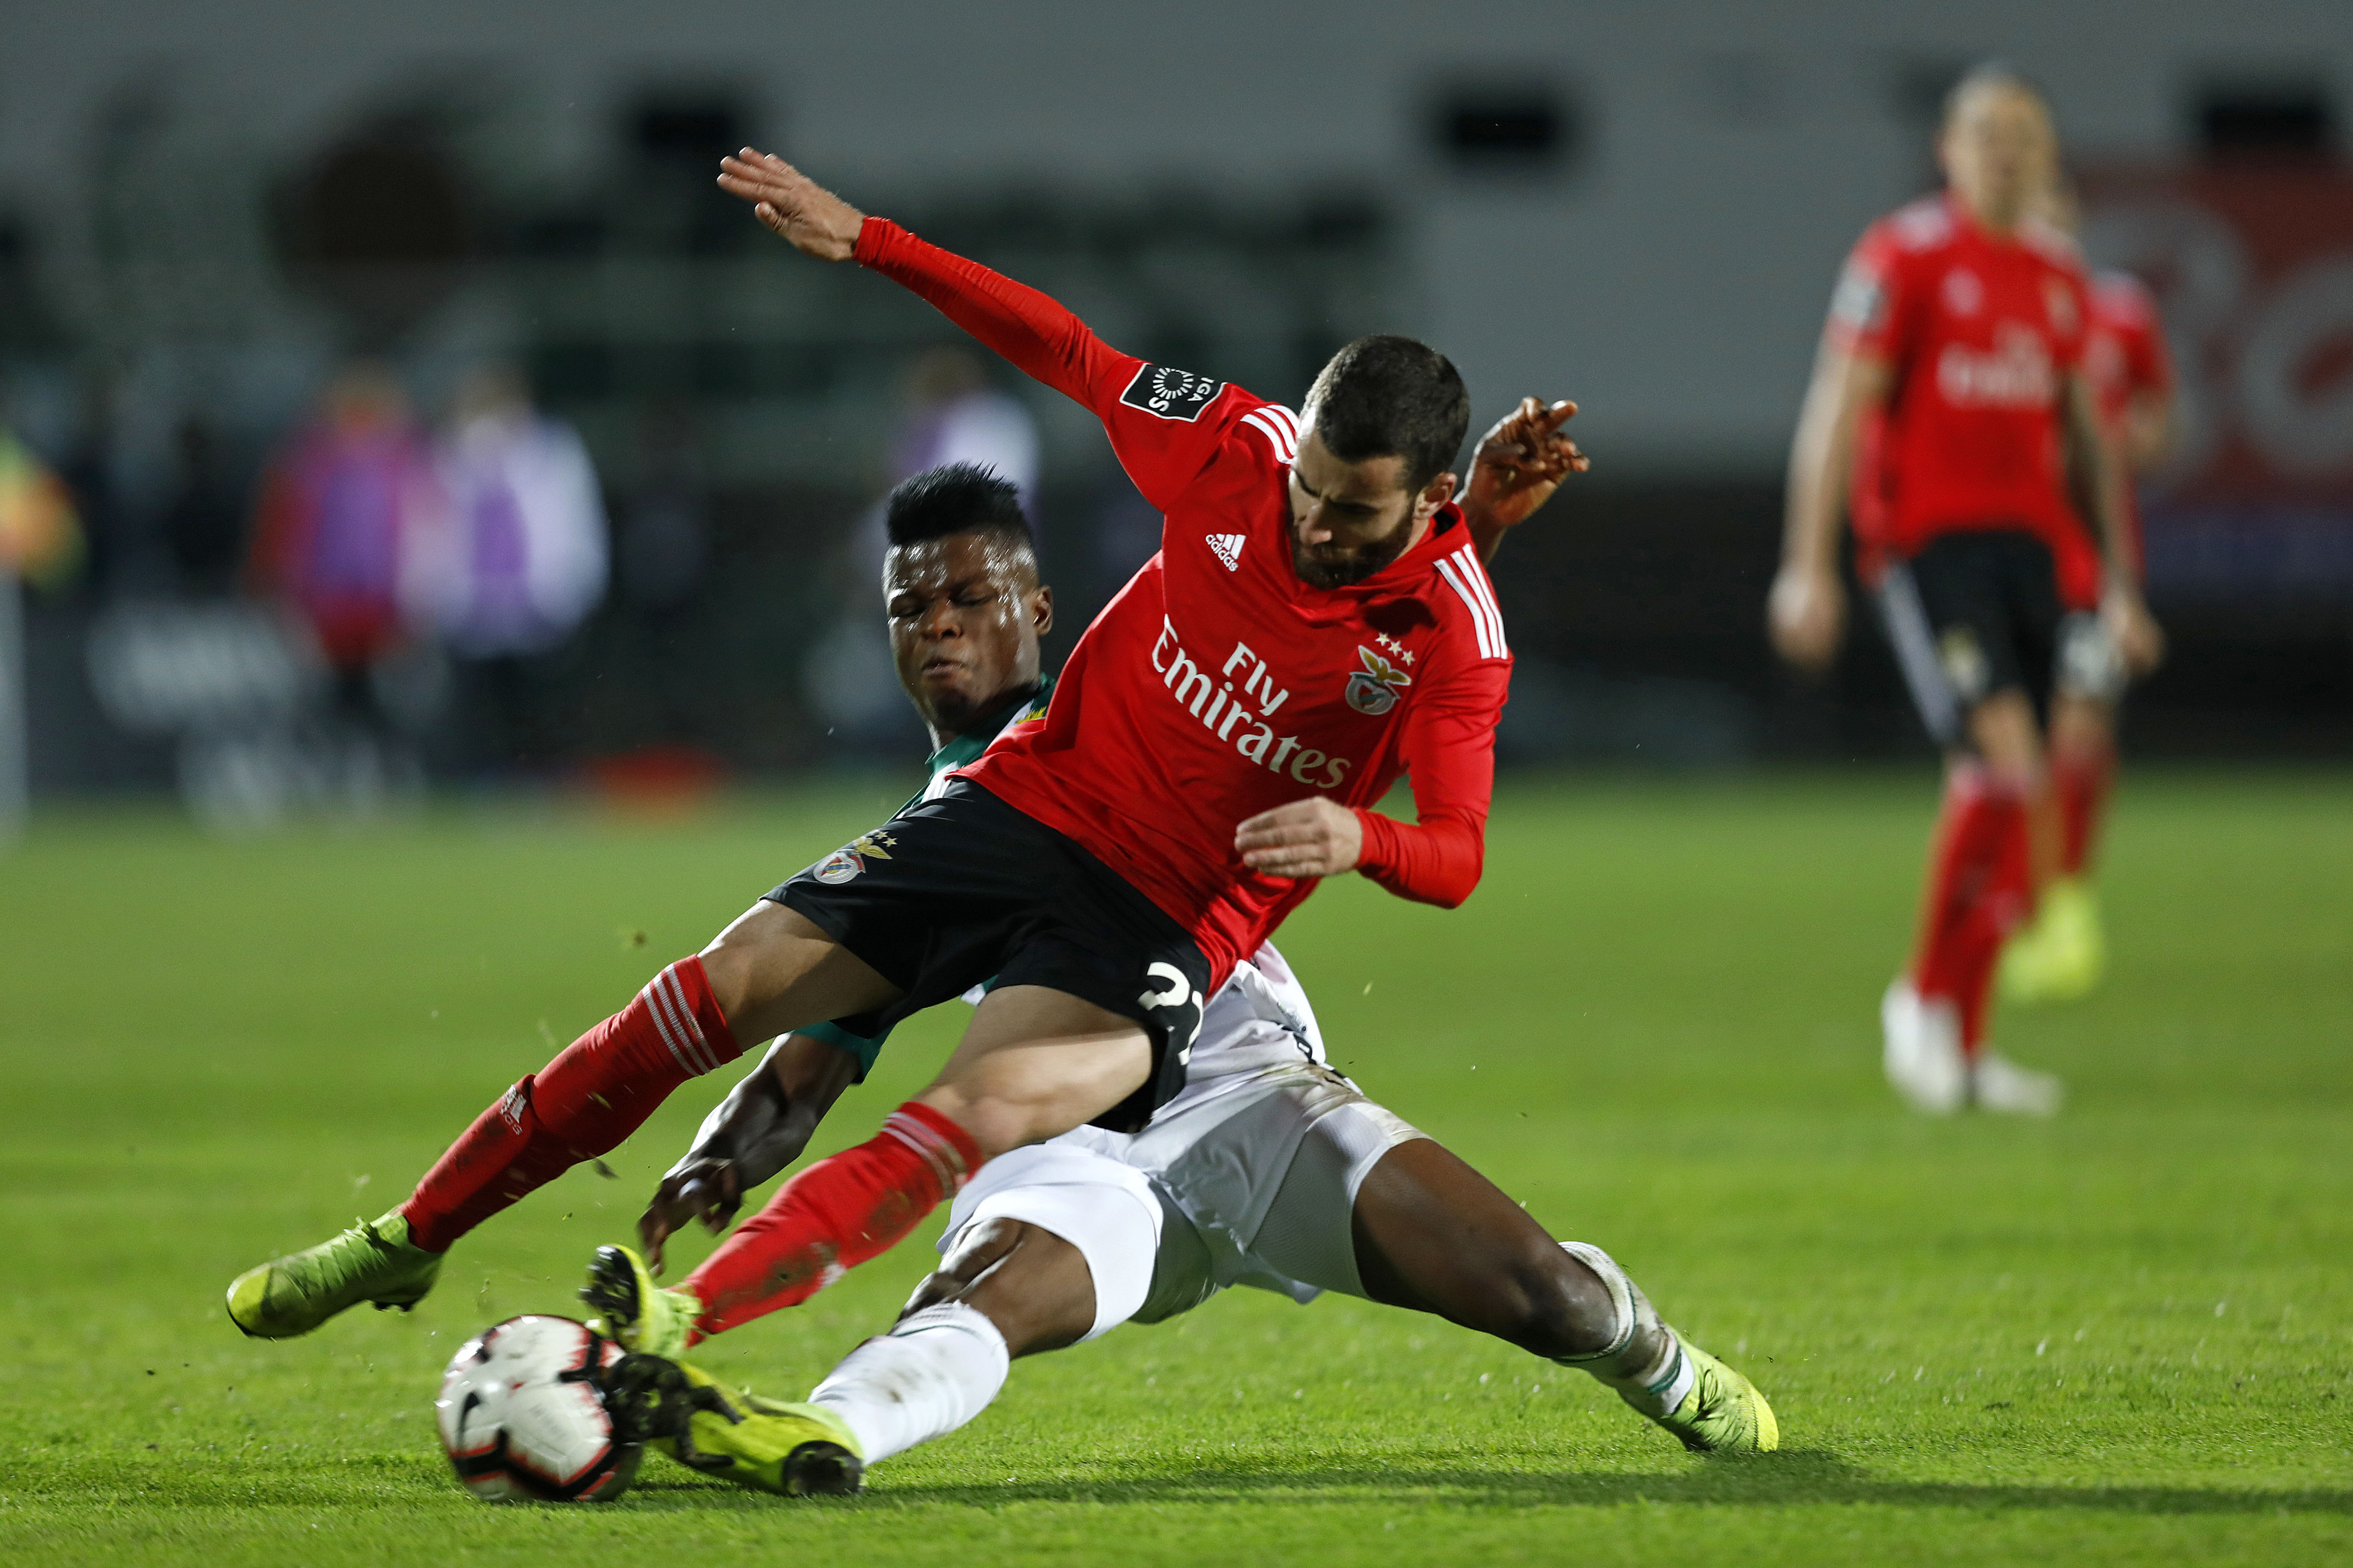 Benfica: Rafa tem rotura muscular na coxa esquerda